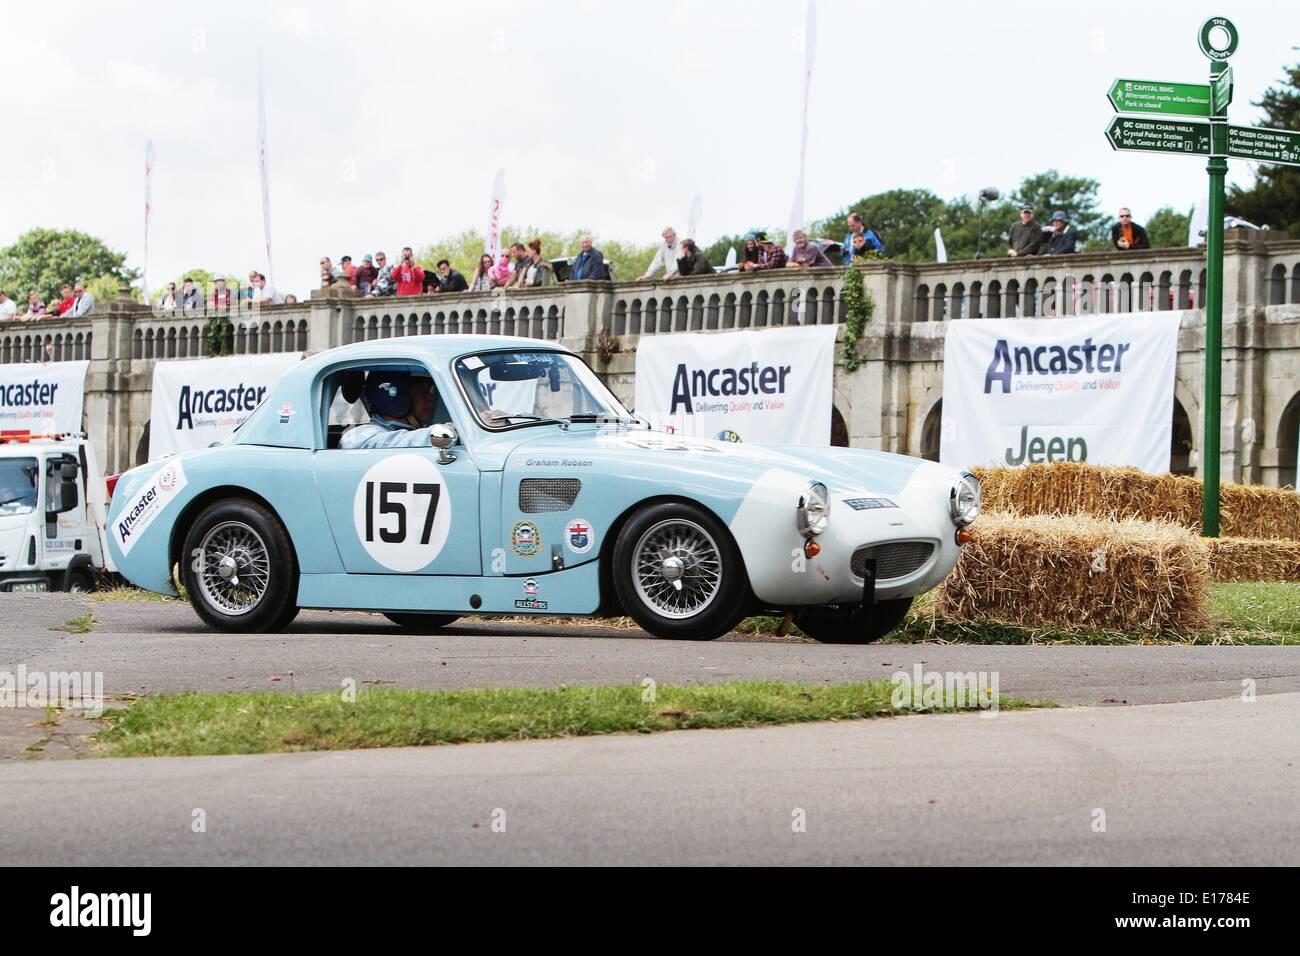 Competidores en el 2014 en el Palacio del Deporte del Motor en el Crystal Palace Park South London 25.05.2014 Imagen De Stock